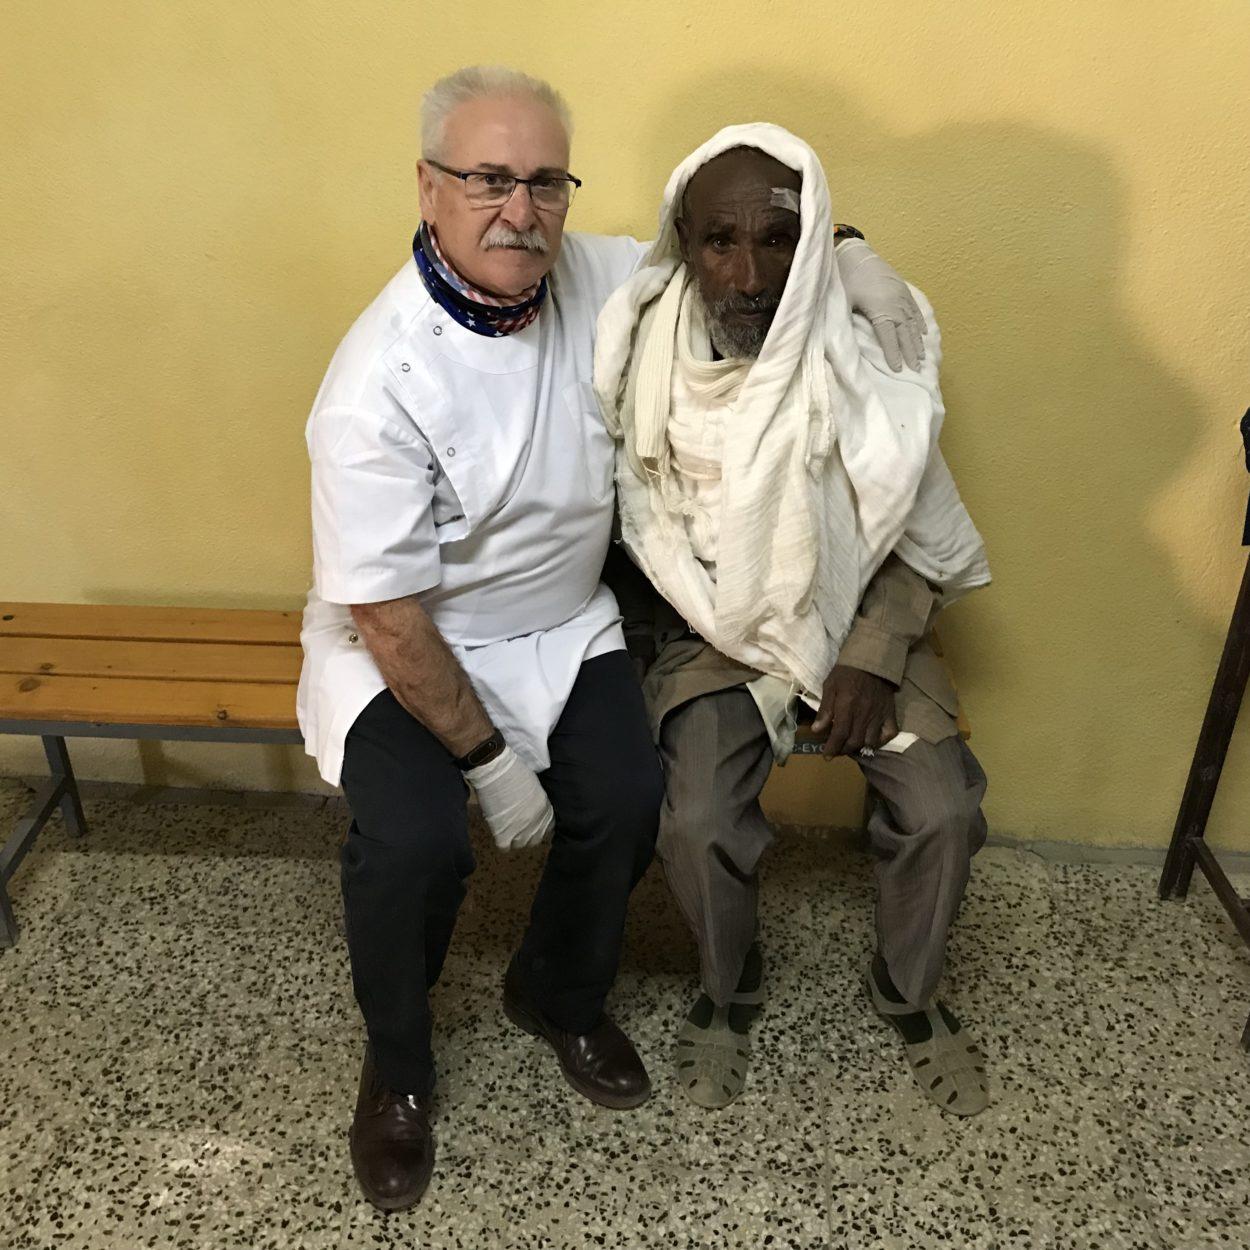 Dr. Rodríguez amb un pacient operat